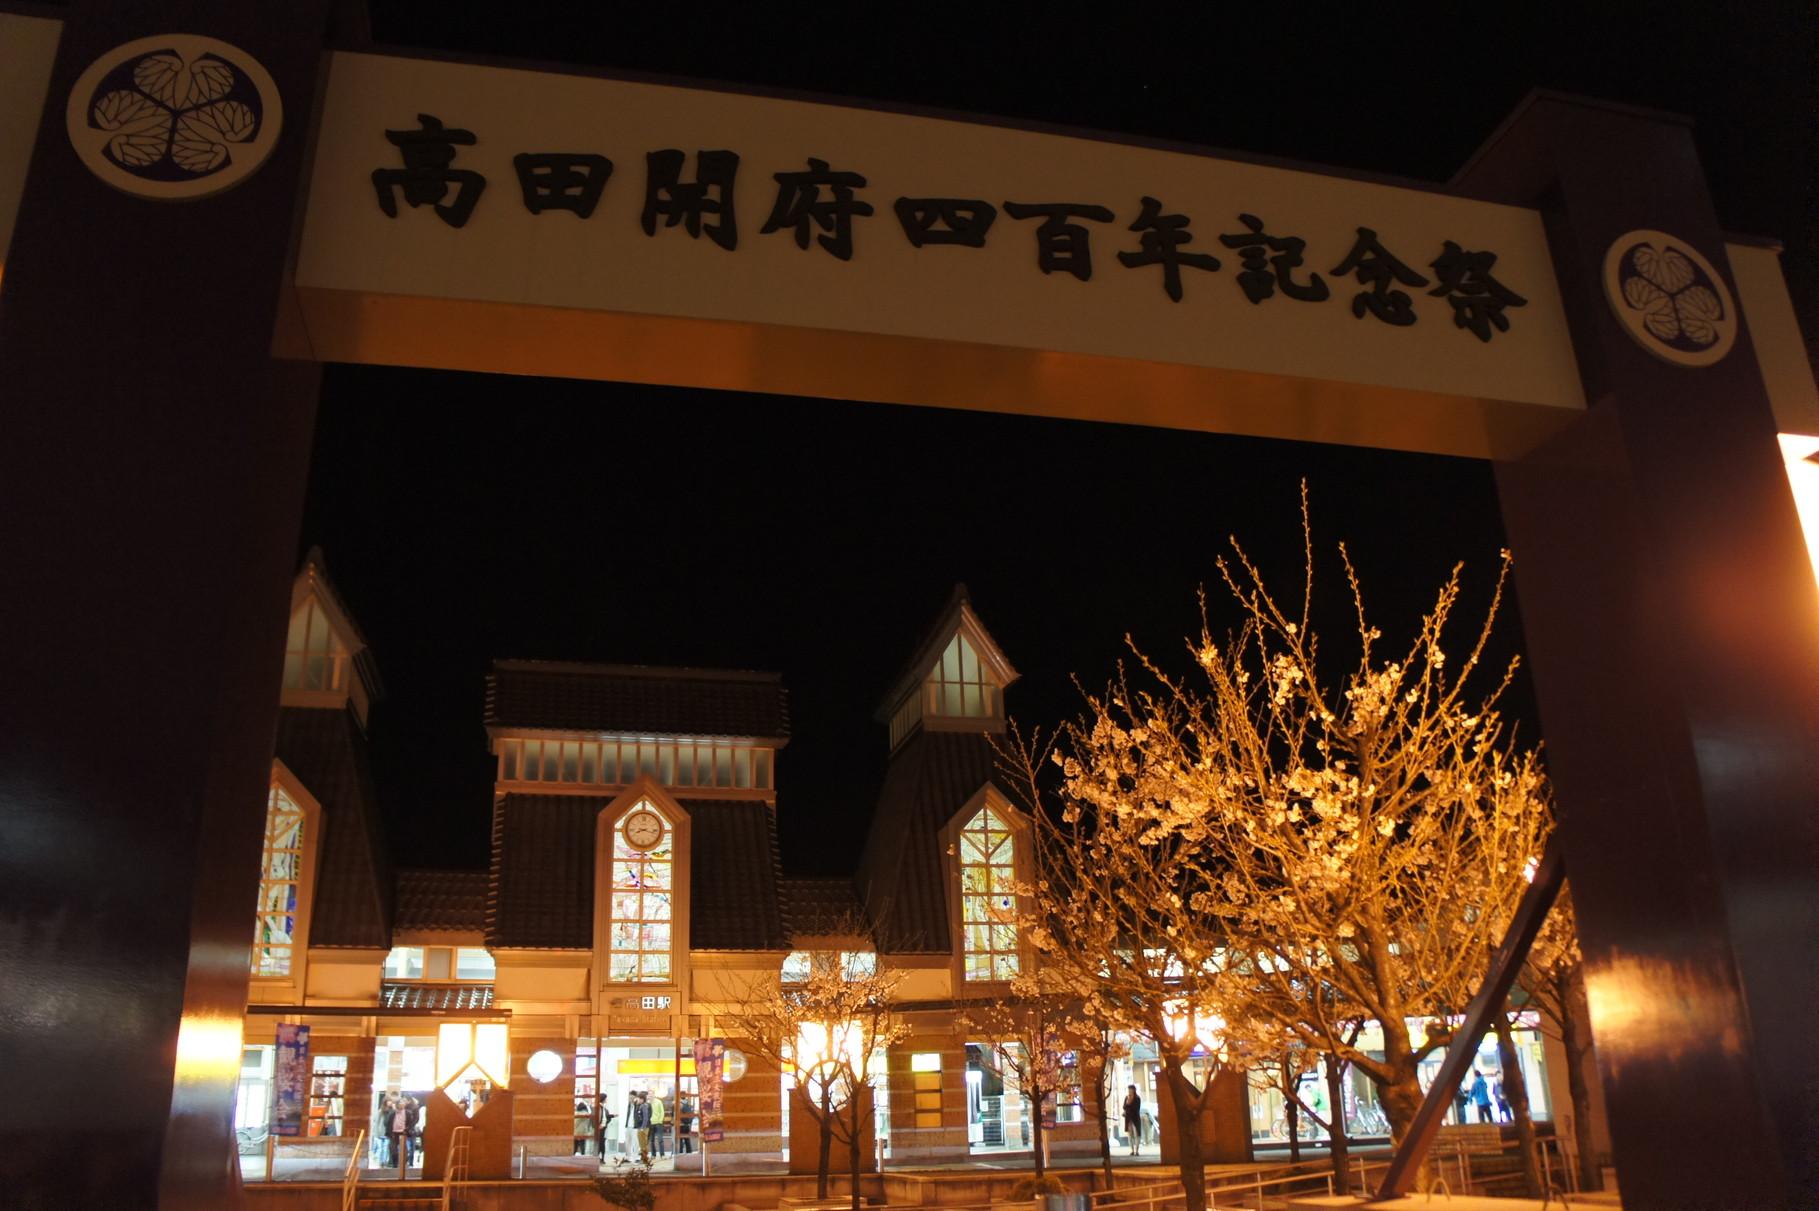 今年は『高田開府400年』。とってもゴージャスな夜